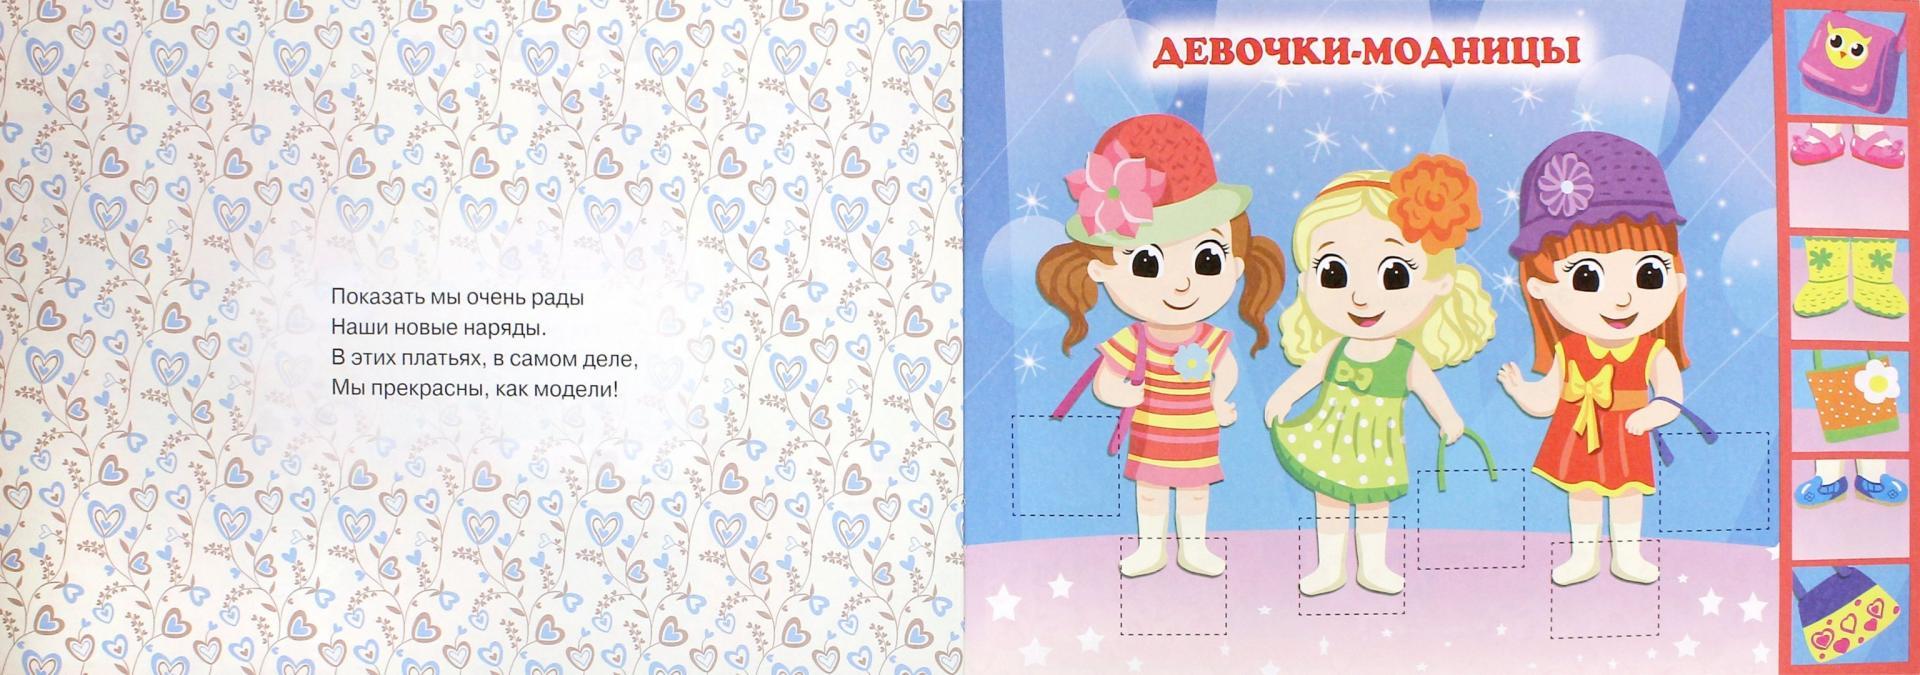 Иллюстрация 1 из 14 для Аппликация. Для девочек | Лабиринт - книги. Источник: Лабиринт